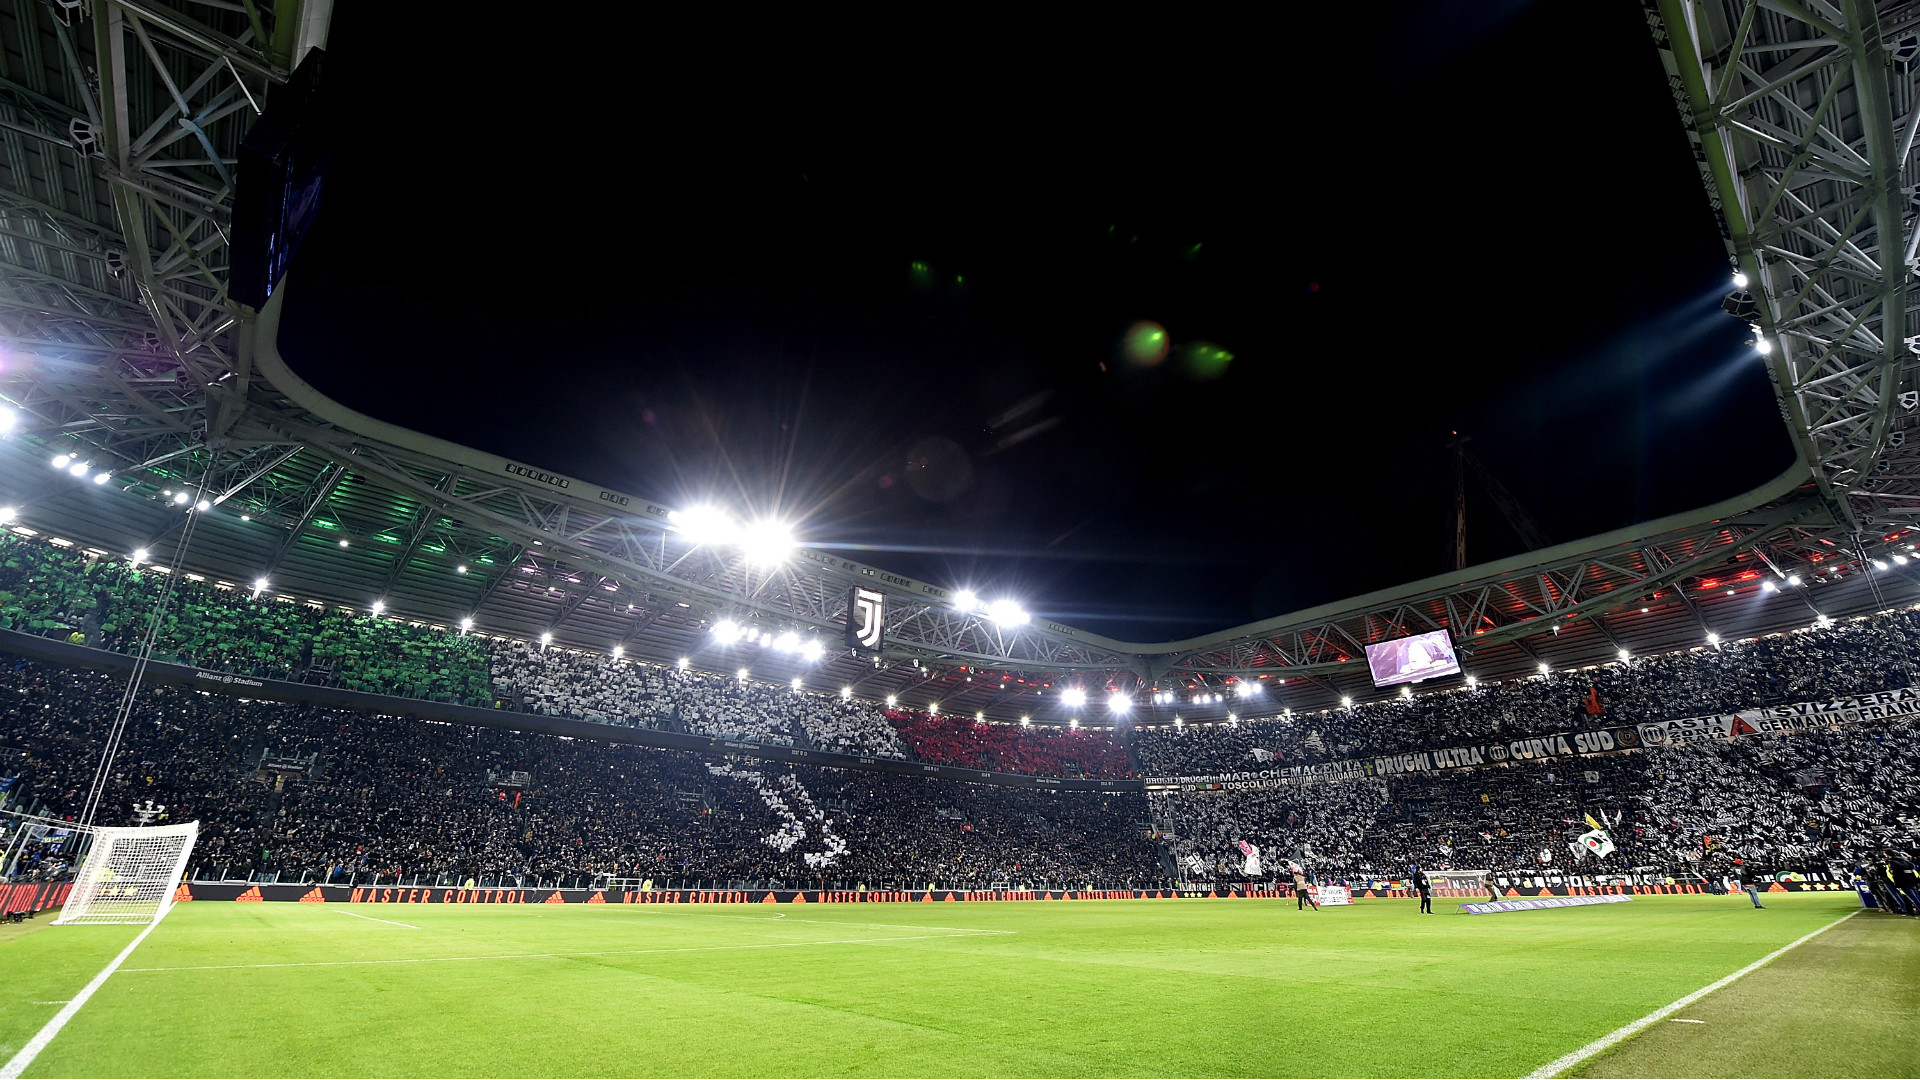 I ragazzini della Juve insultano Napoli: esplode la polemica